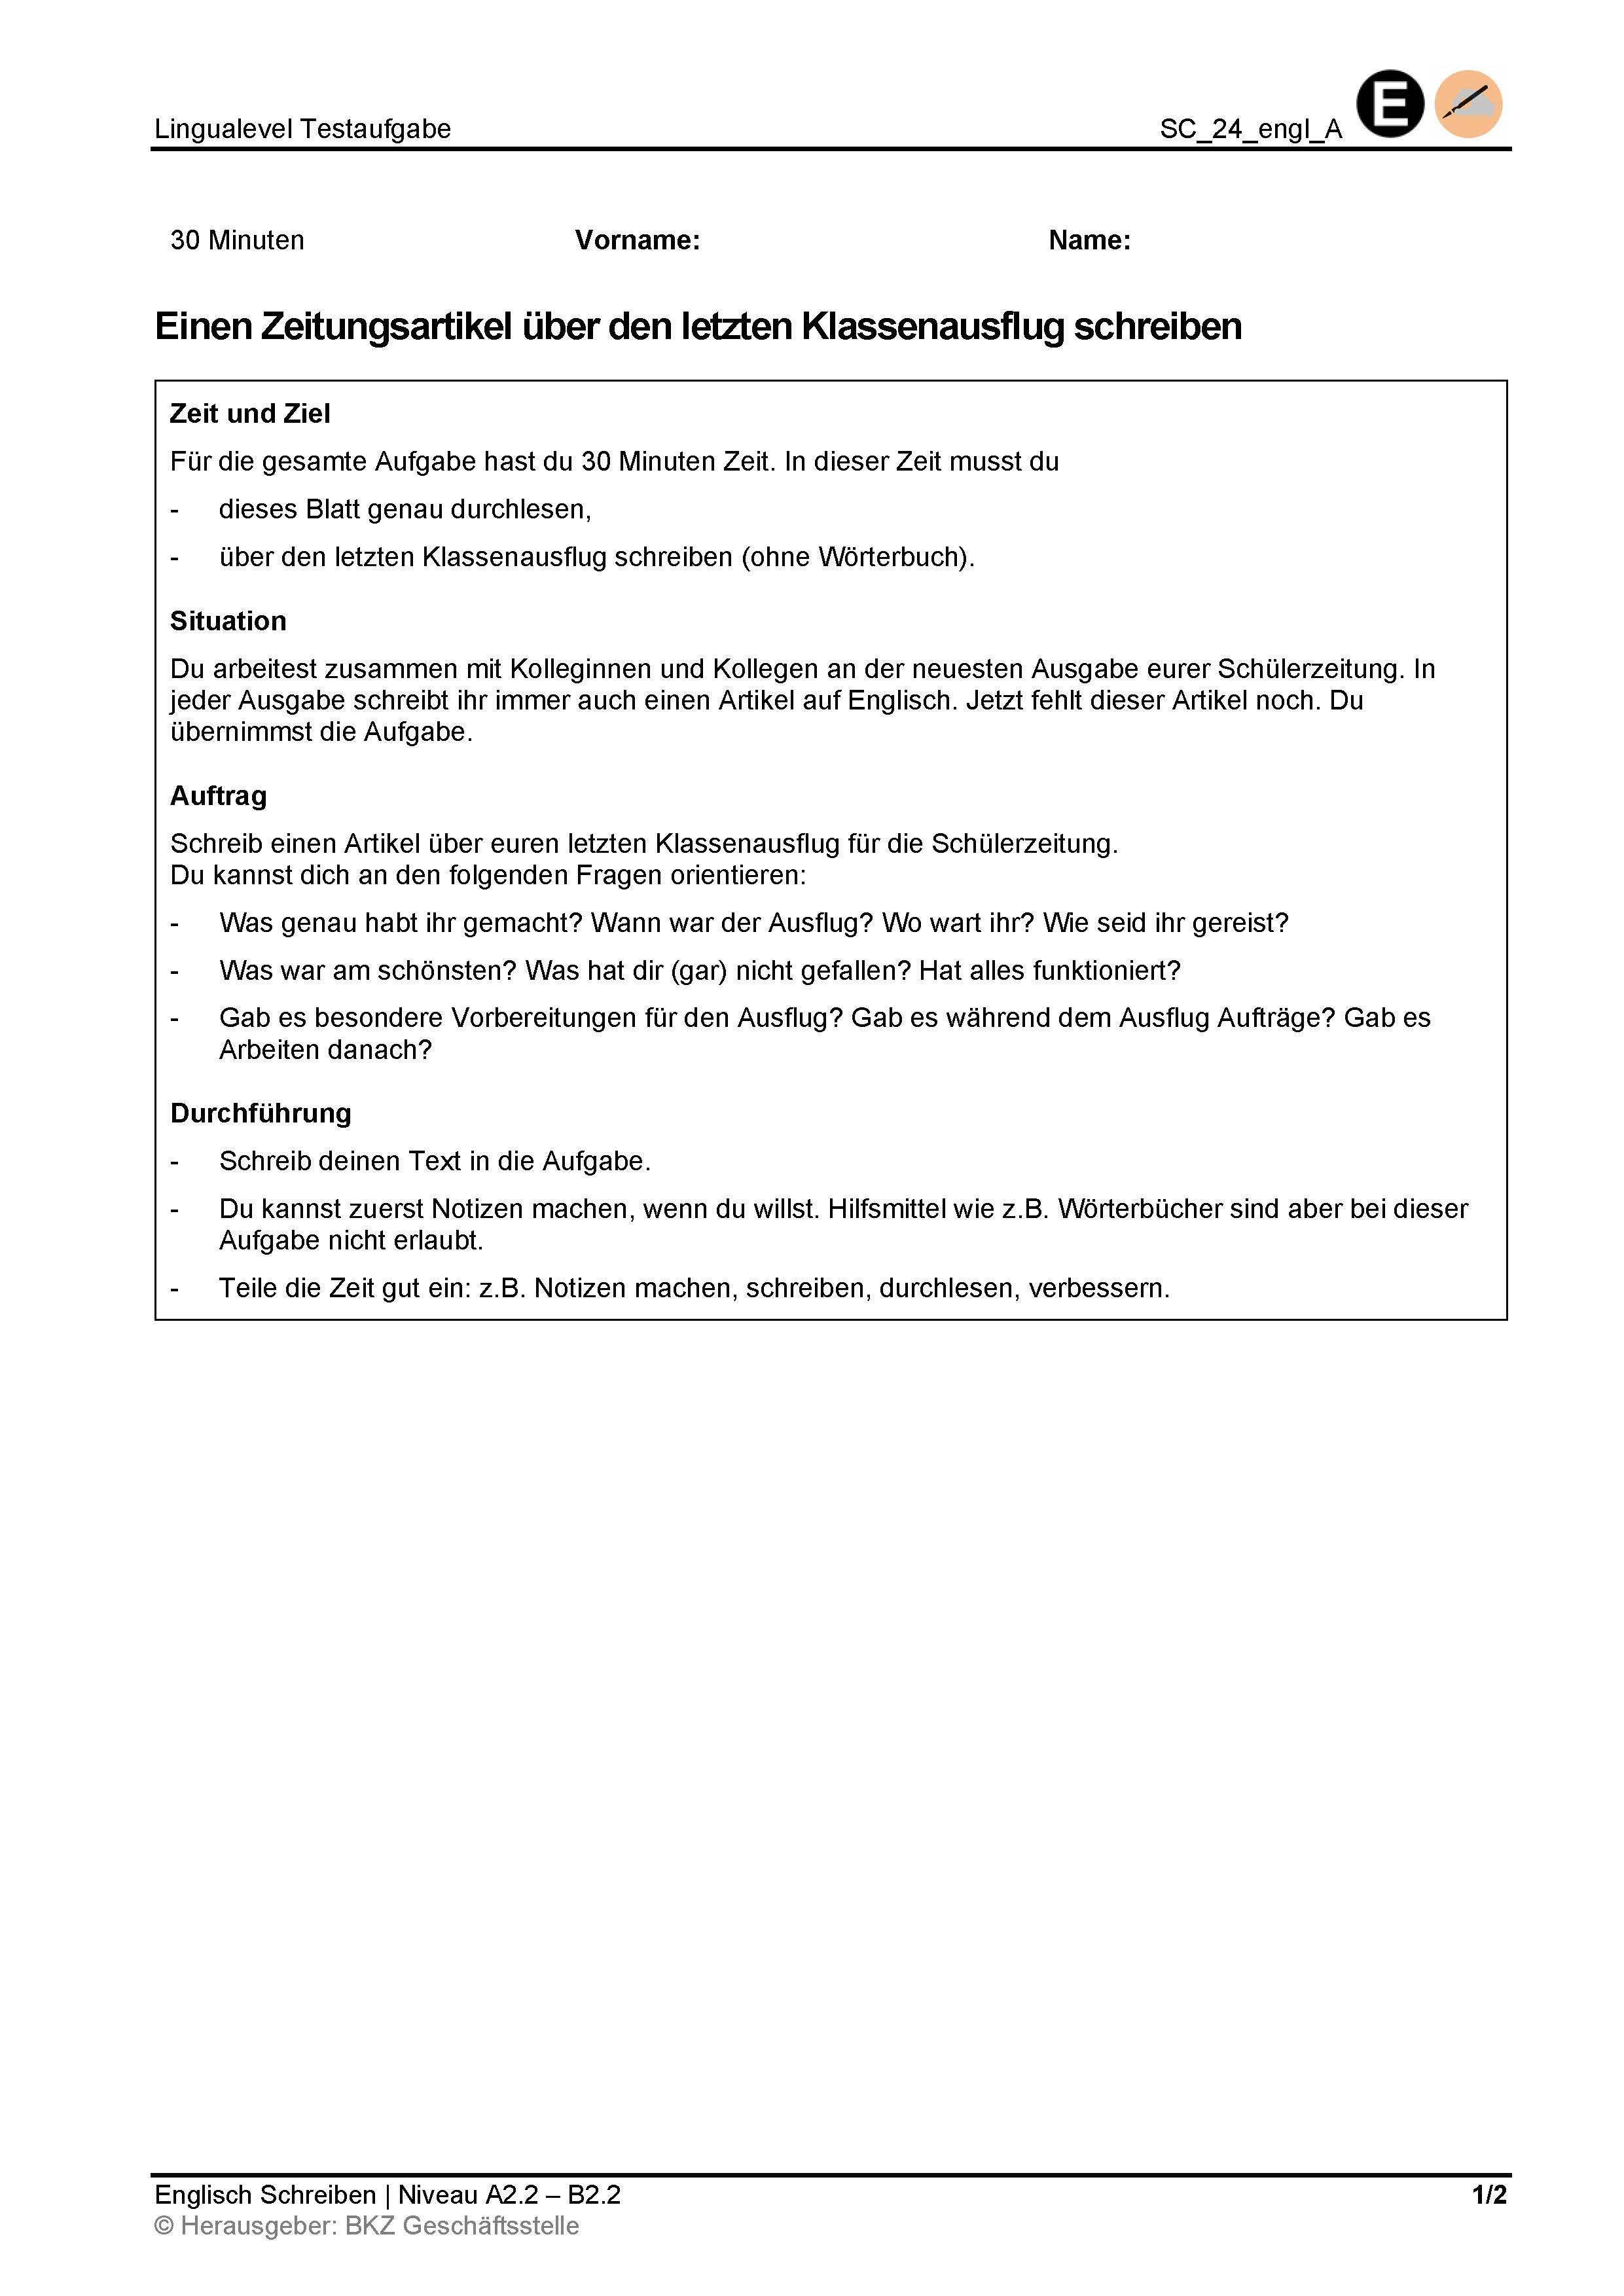 Preview image for LOM object Schreiben: Einen Zeitungsartikel über den letzten Klassenausflug schreiben